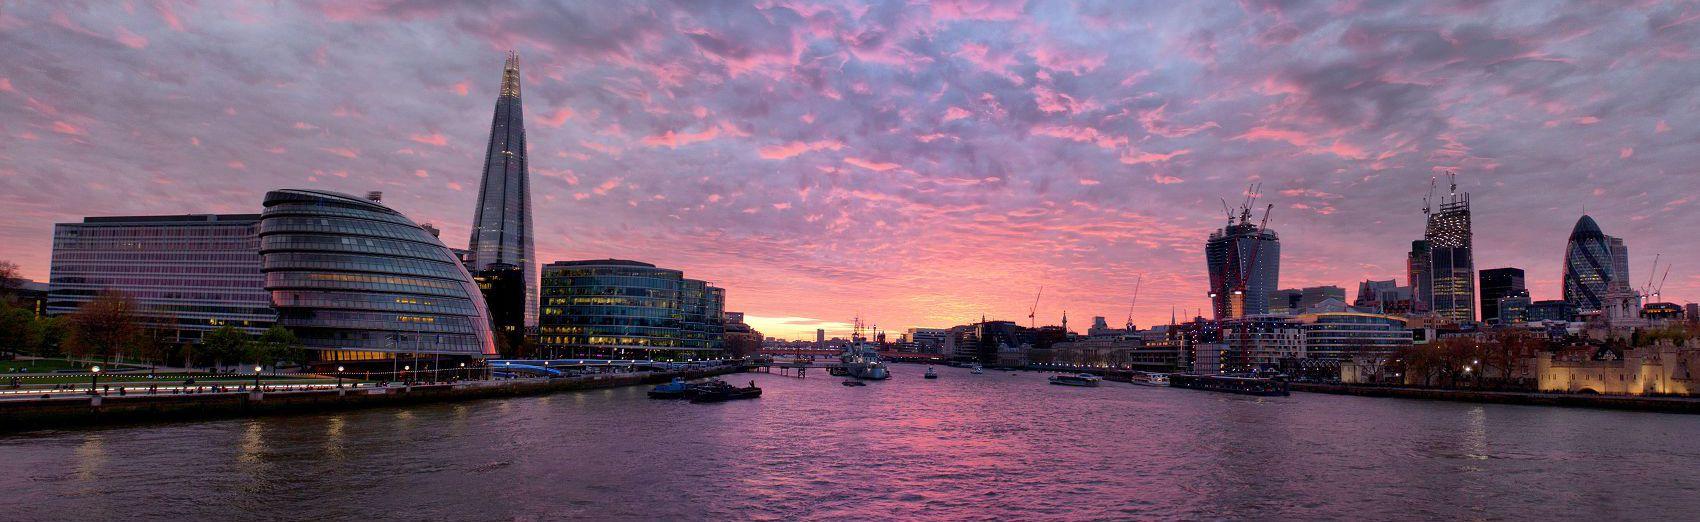 Лондон в сиреневом закате